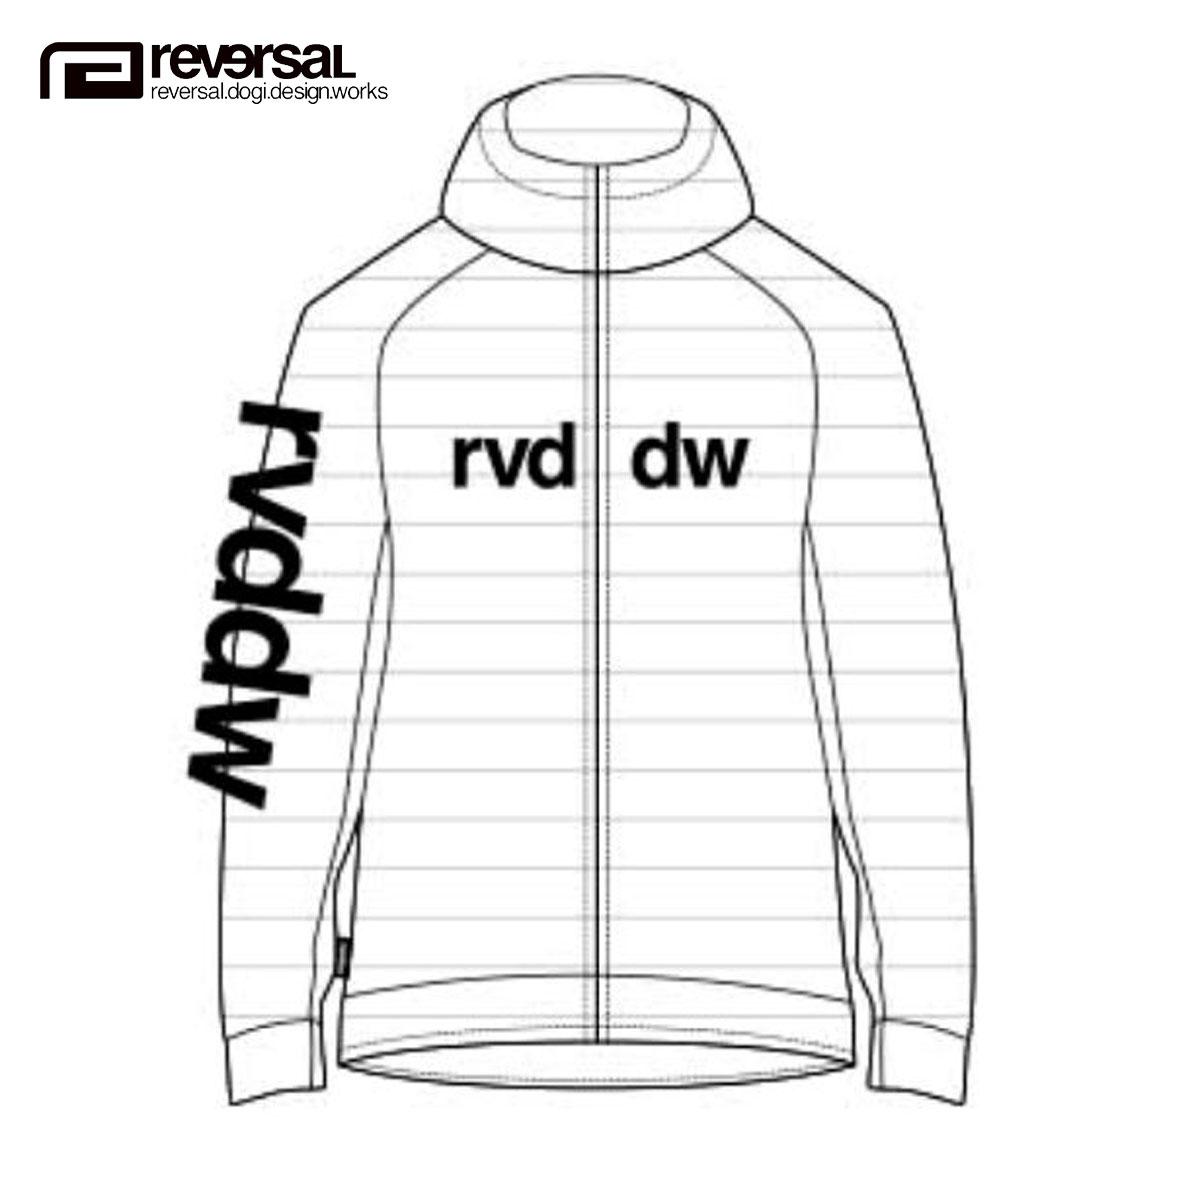 予約商品 6月頃入荷予定 リバーサル REVERSAL 正規販売店 メンズ ジップアップパーカー rvddw RASH PARKA rv19ss051 WHITE